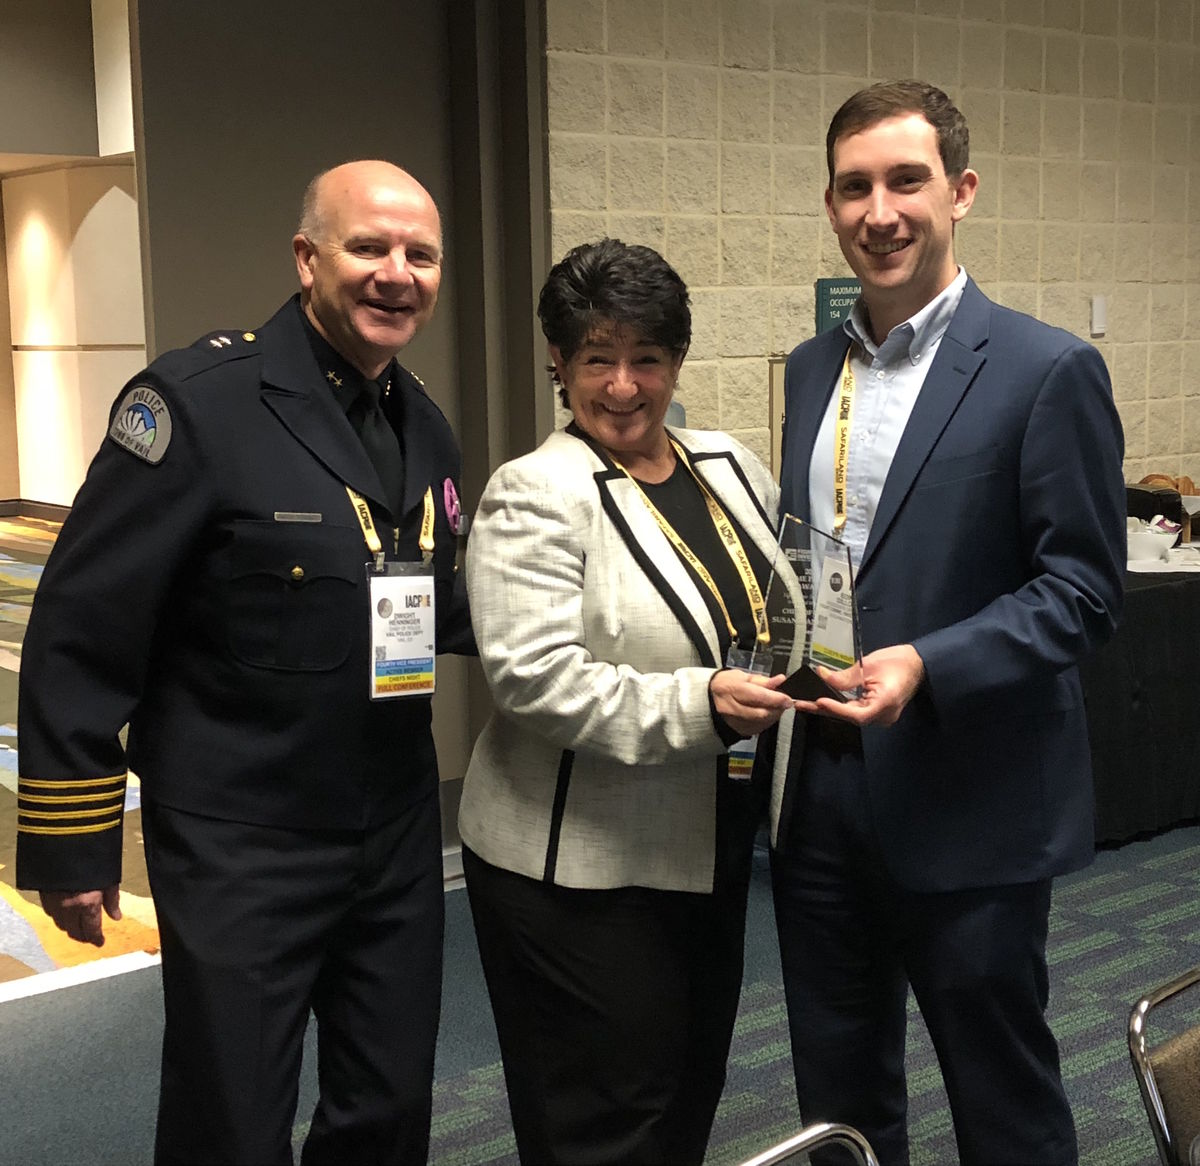 Chief Manheimer receives a 2018 Crime Fighter Award